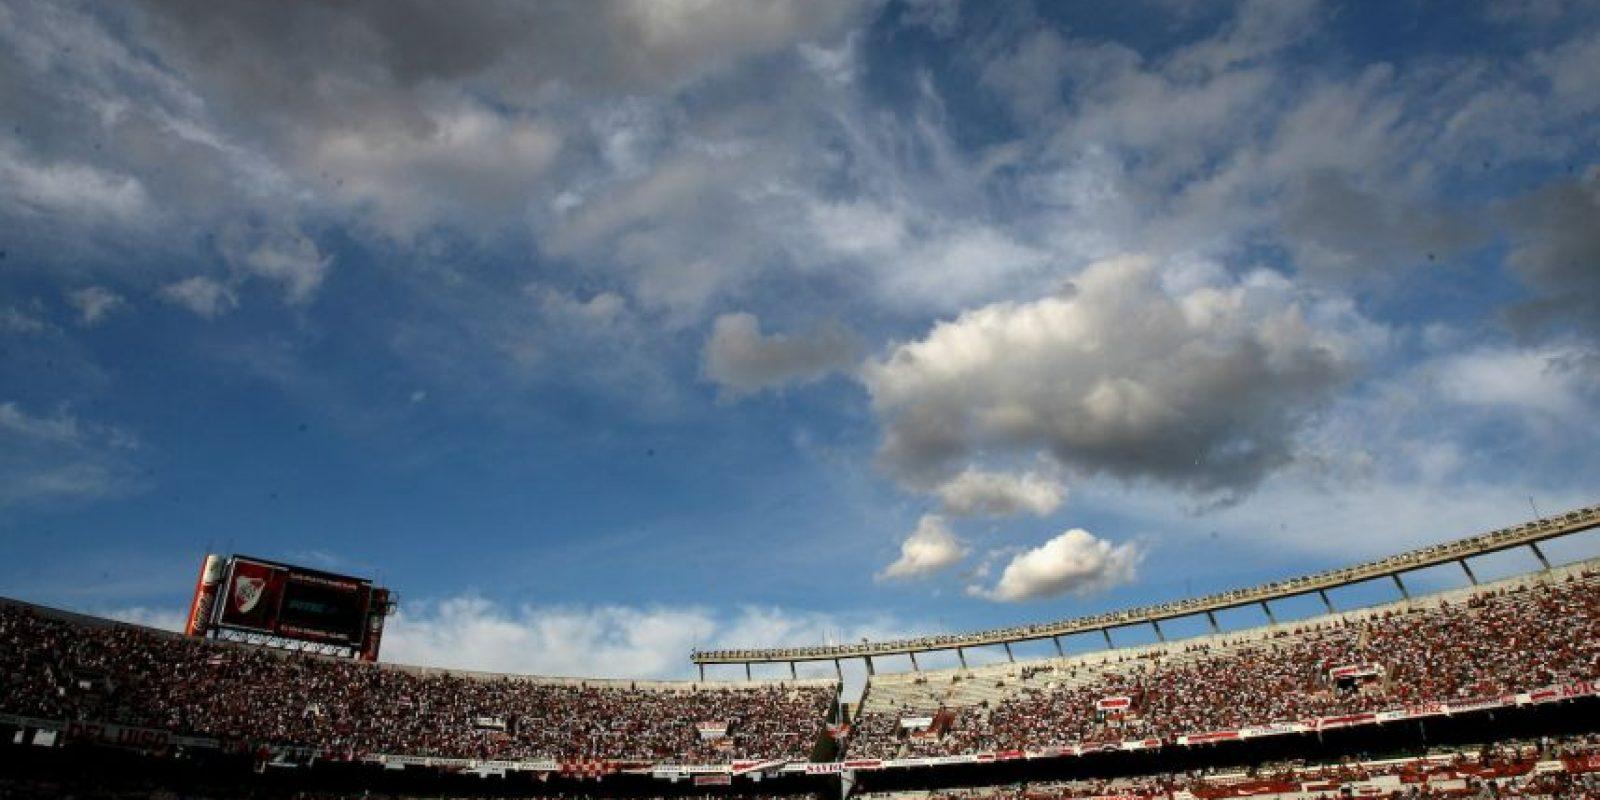 """Conozcan el valor de plantillas de los """"Clásicos"""" de Latinoamérica. Los valores están en millones de euros (MDE). Foto:Getty Images"""